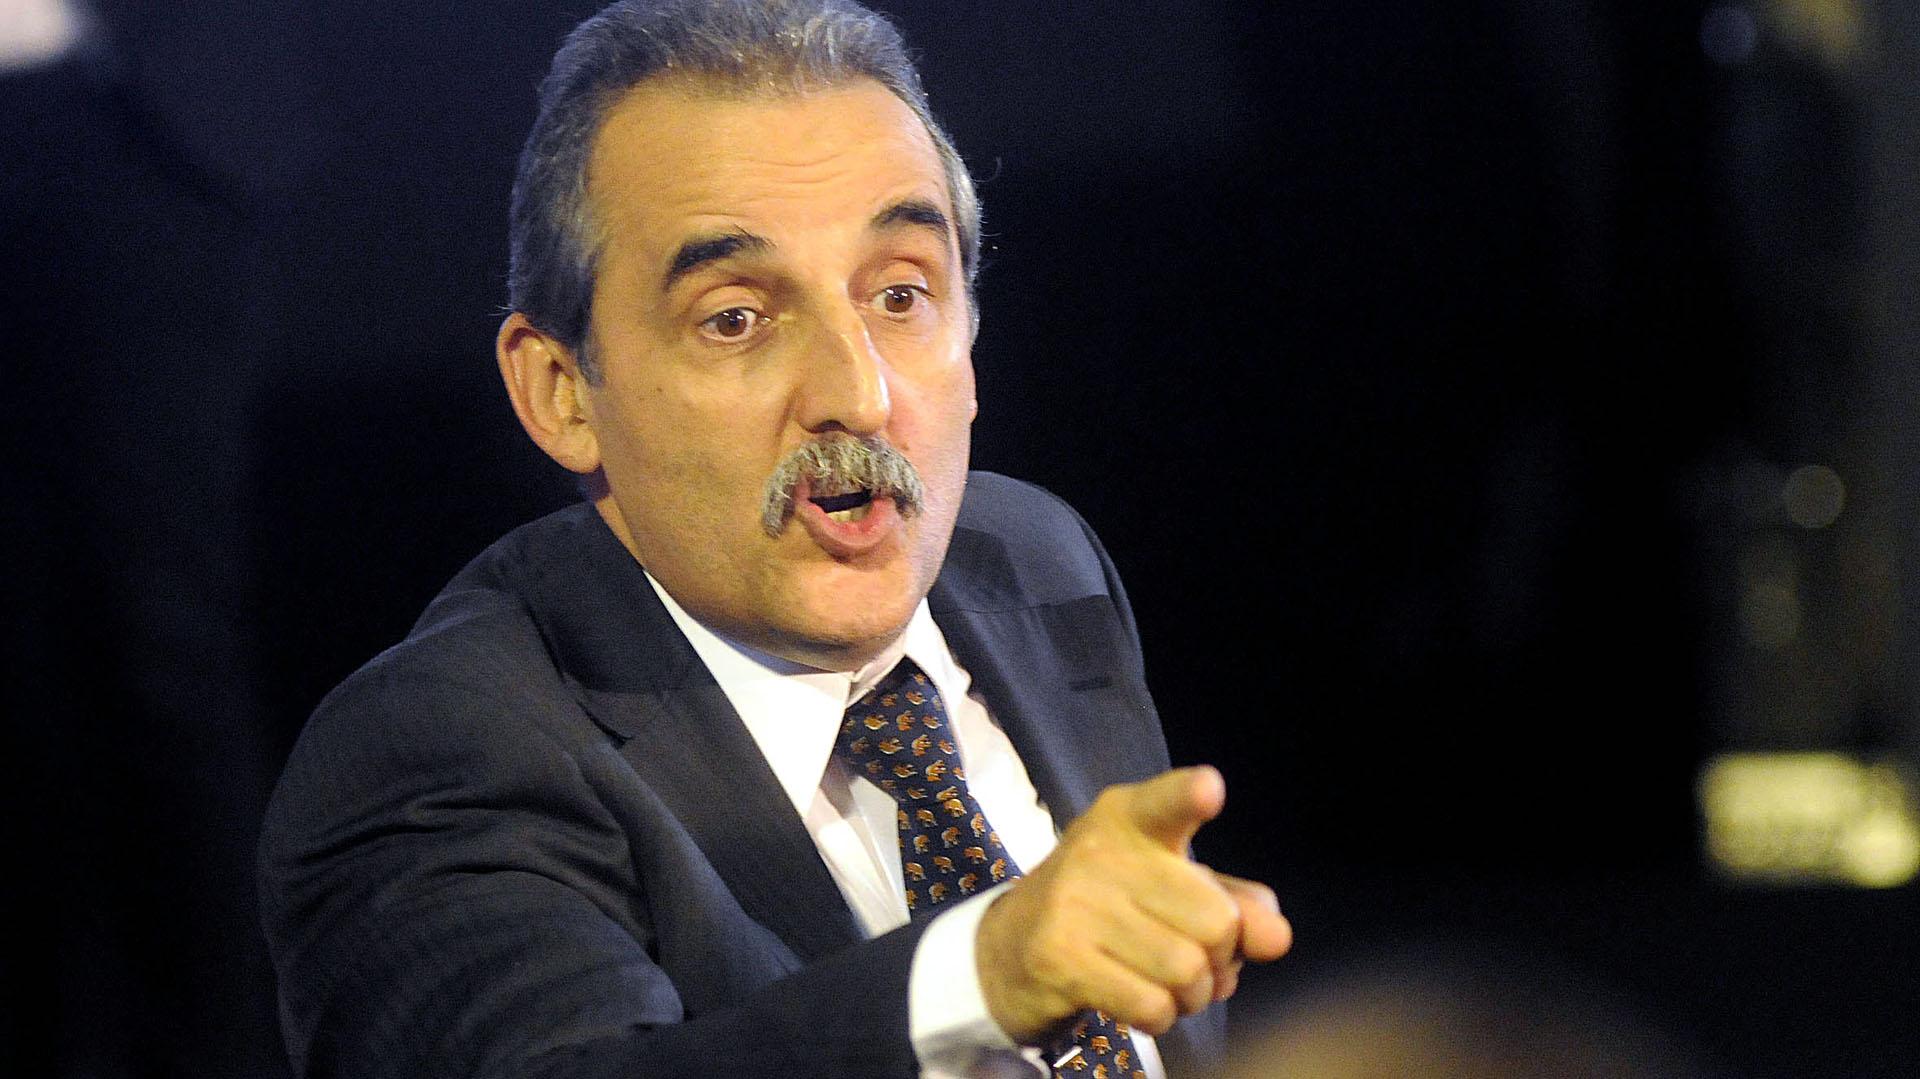 El exsecretario de Comercio cuestionó las últimas medidas dictadas por el Gobierno